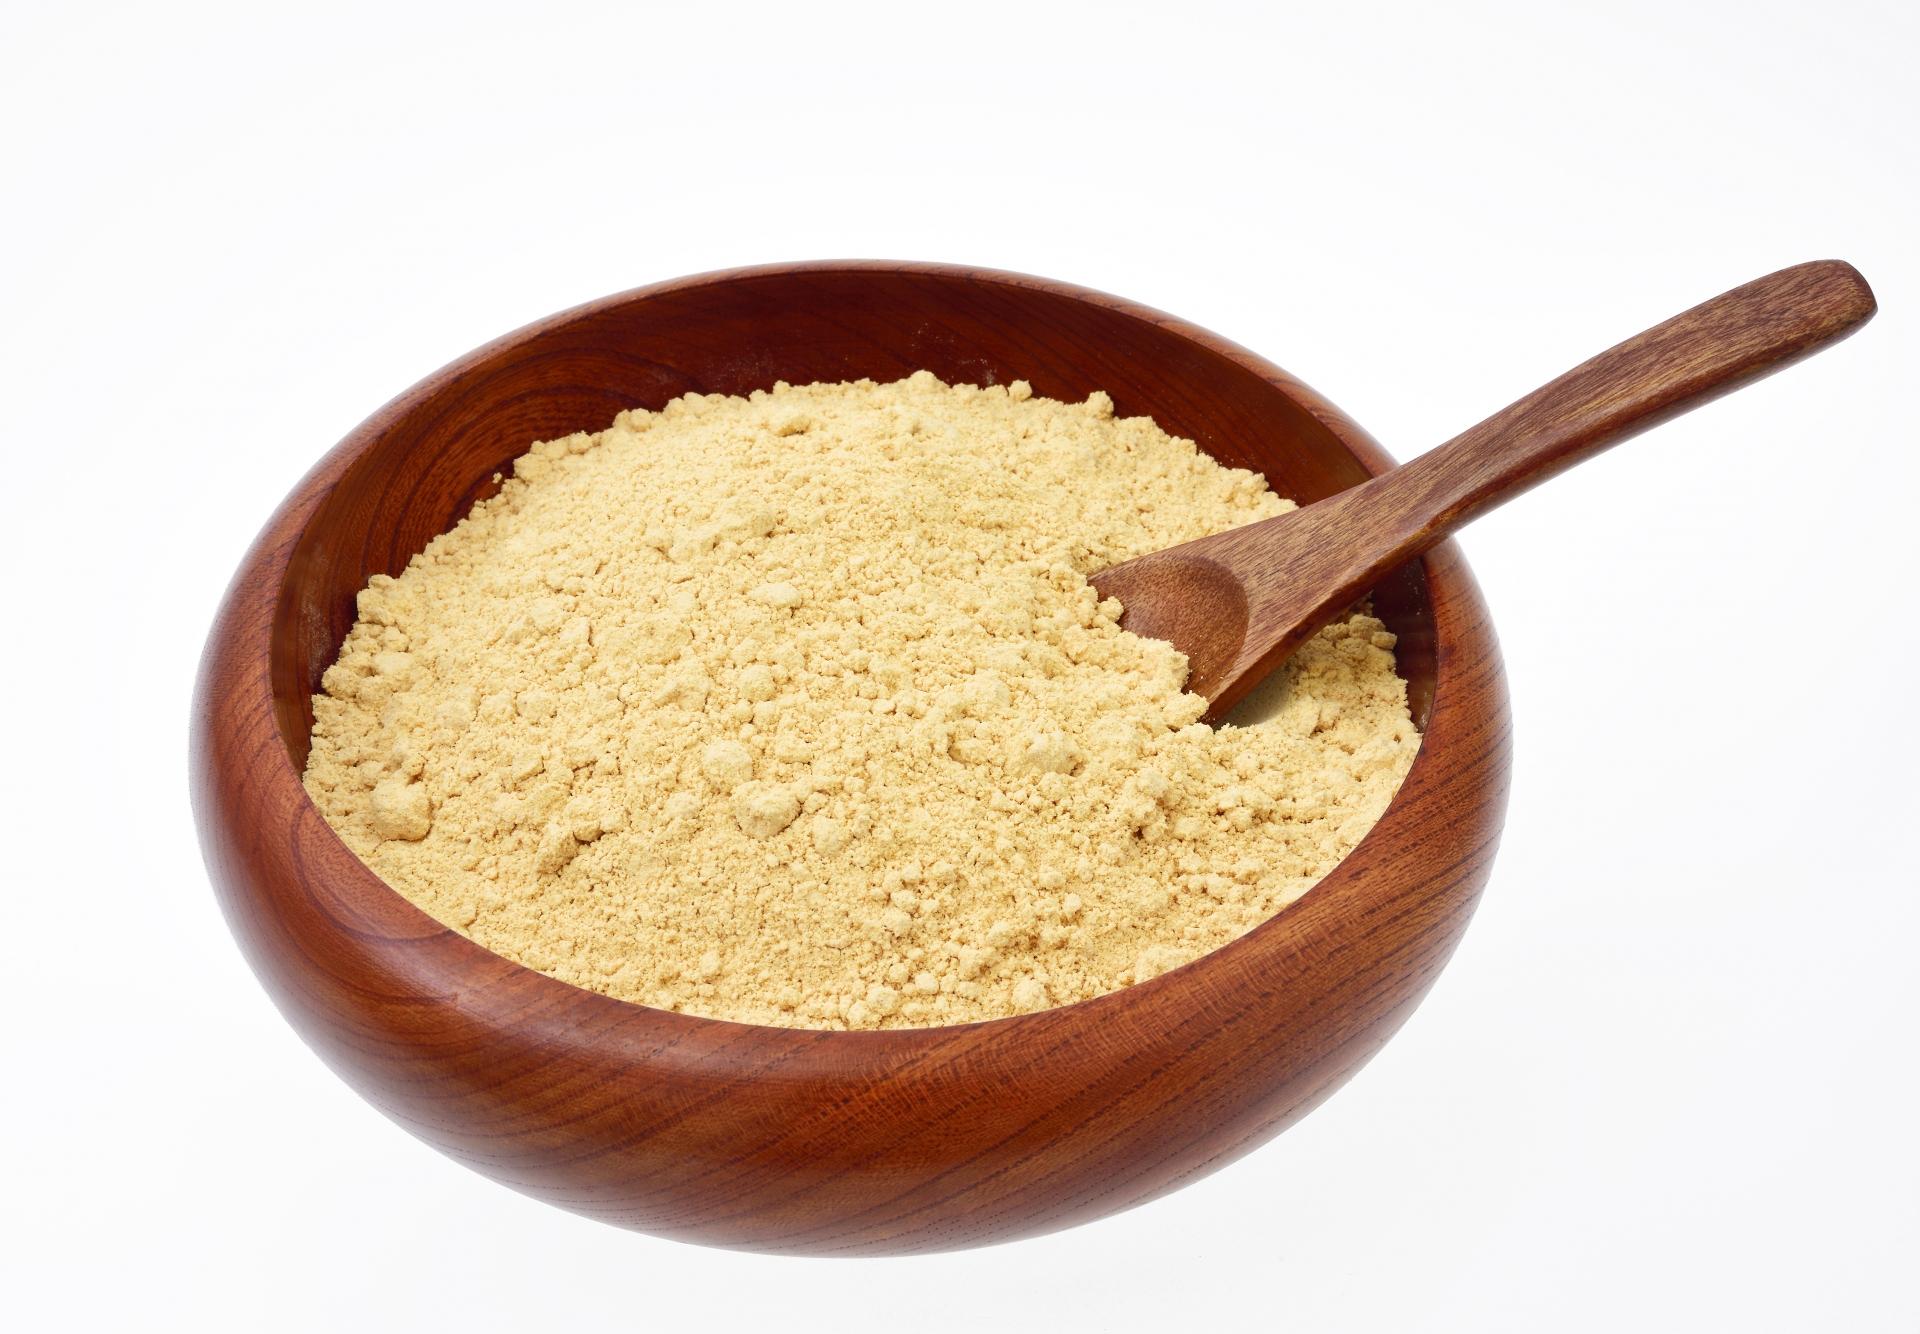 大豆イソフラボンが豊富に含まれる「きな粉」の薄毛効果の実力とは